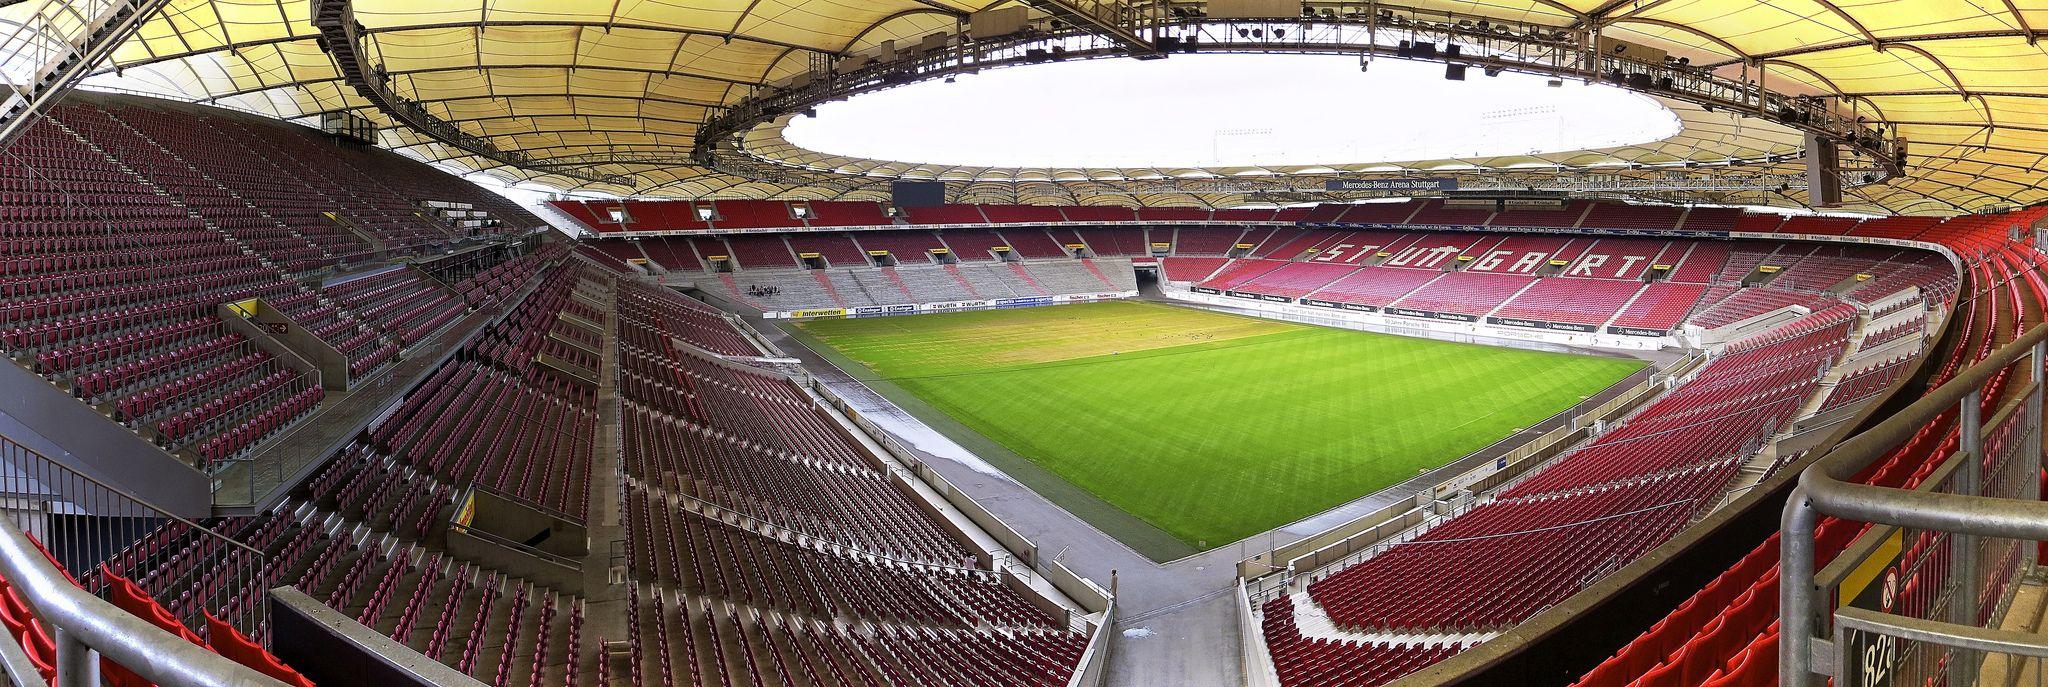 Mercedes-Benz Arena - Stadiony.net